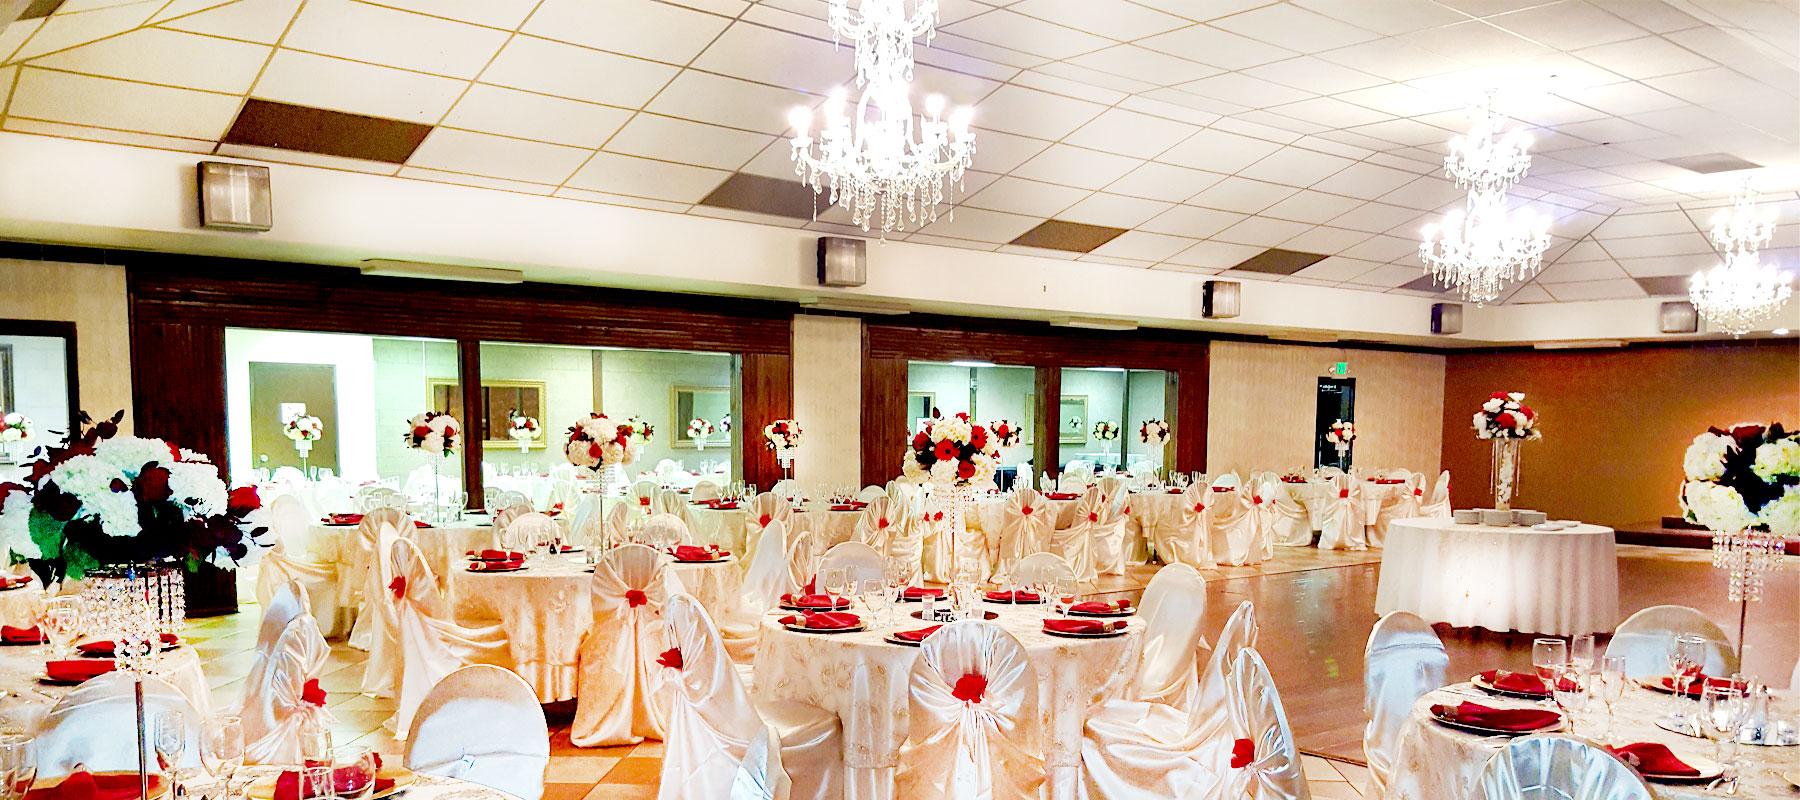 Salon De Las Reinas Hacienda Hall